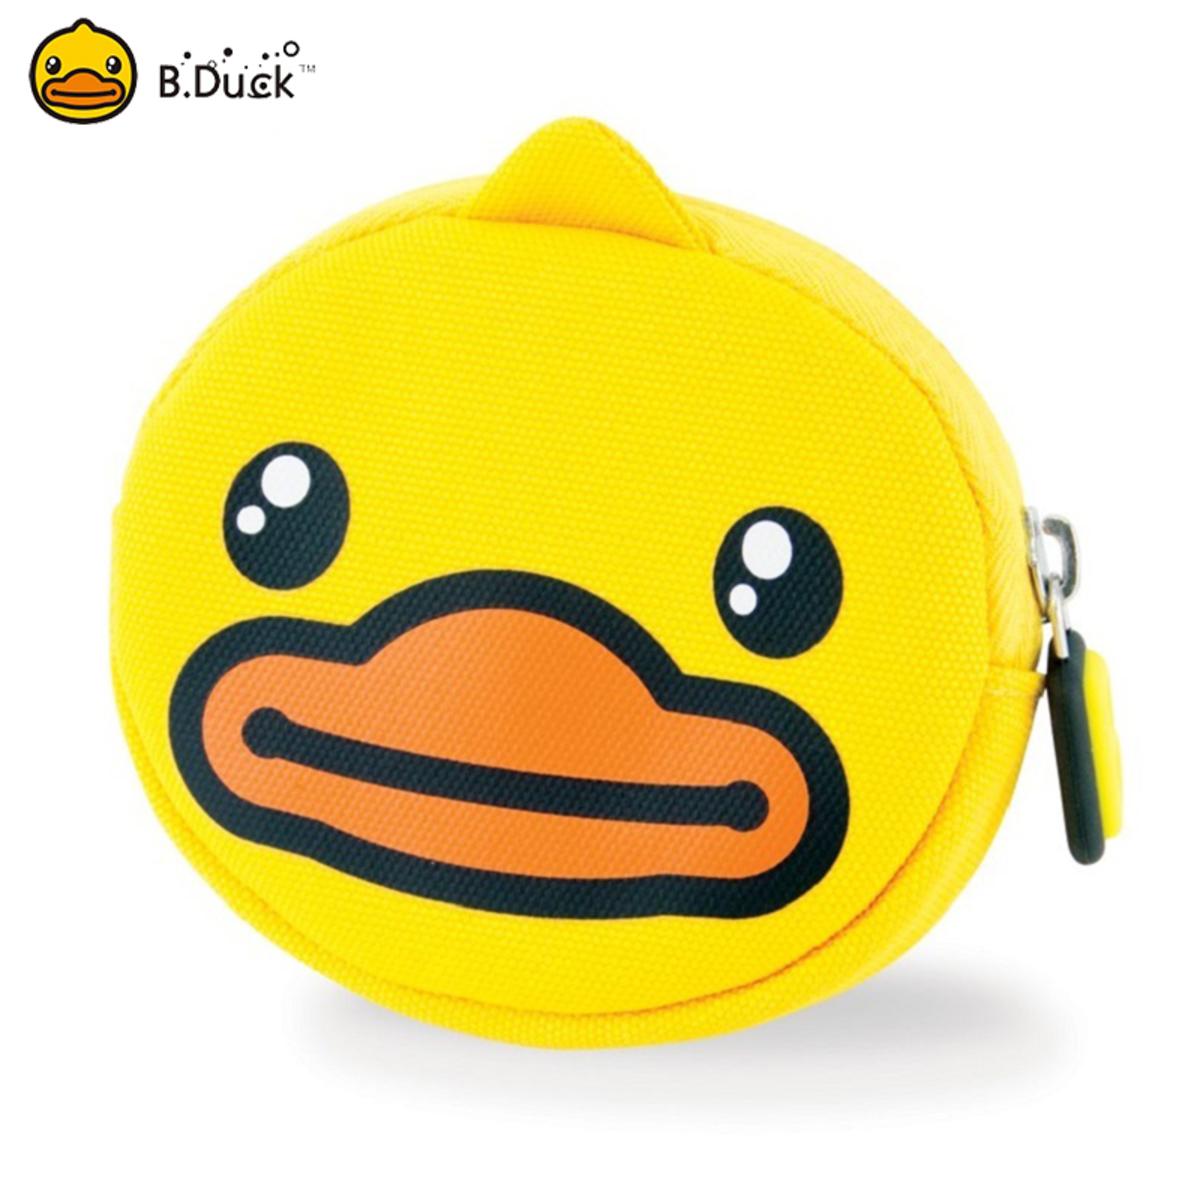 B.Duck 鴨仔散紙包 Coin Case